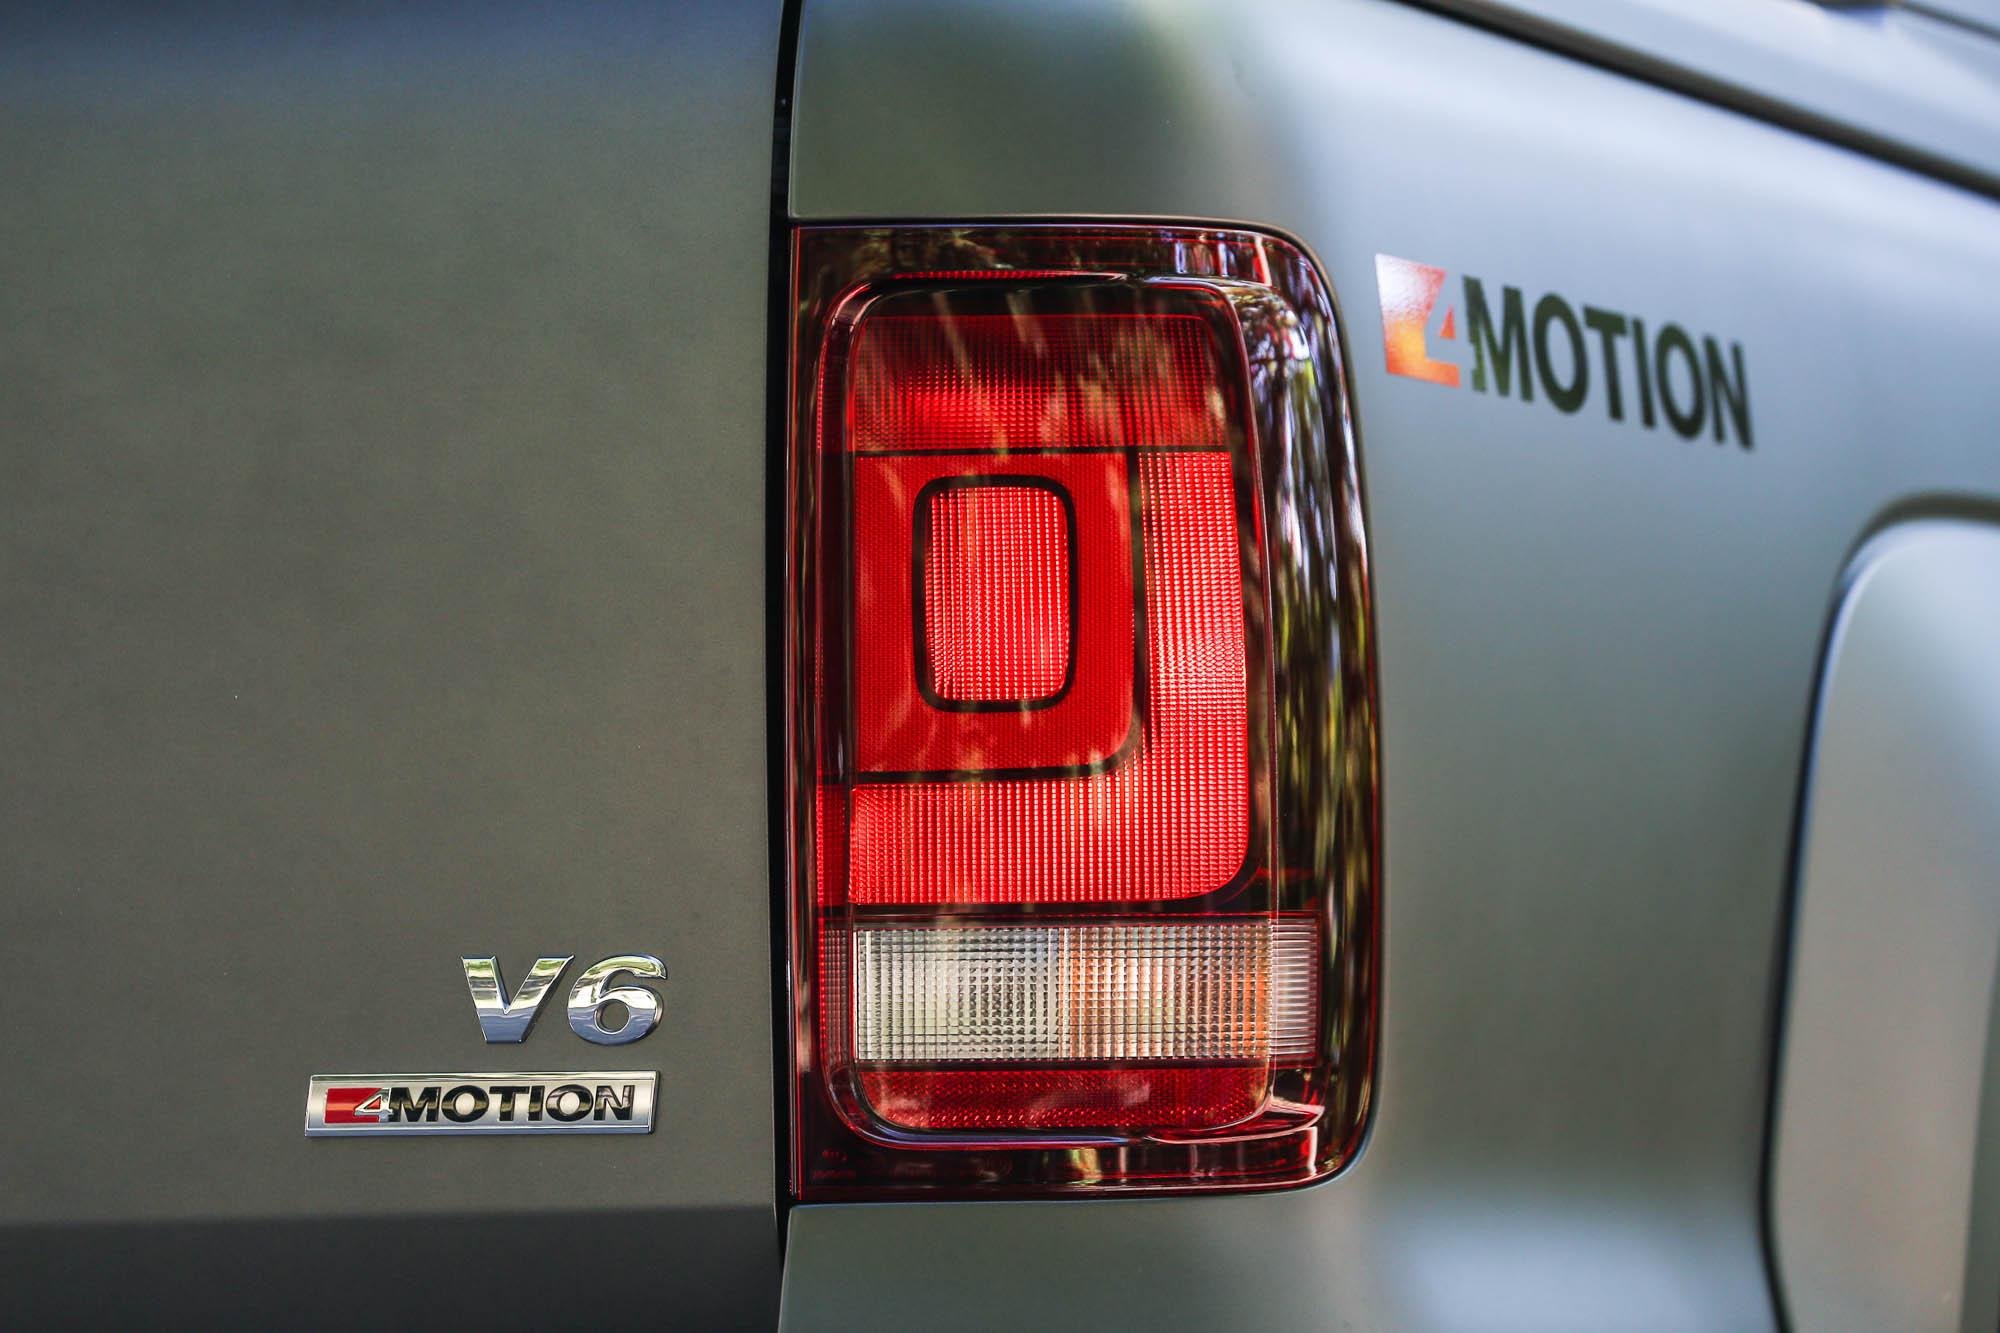 車尾也有引擎規格與四輪驅動系統標示銘牌。